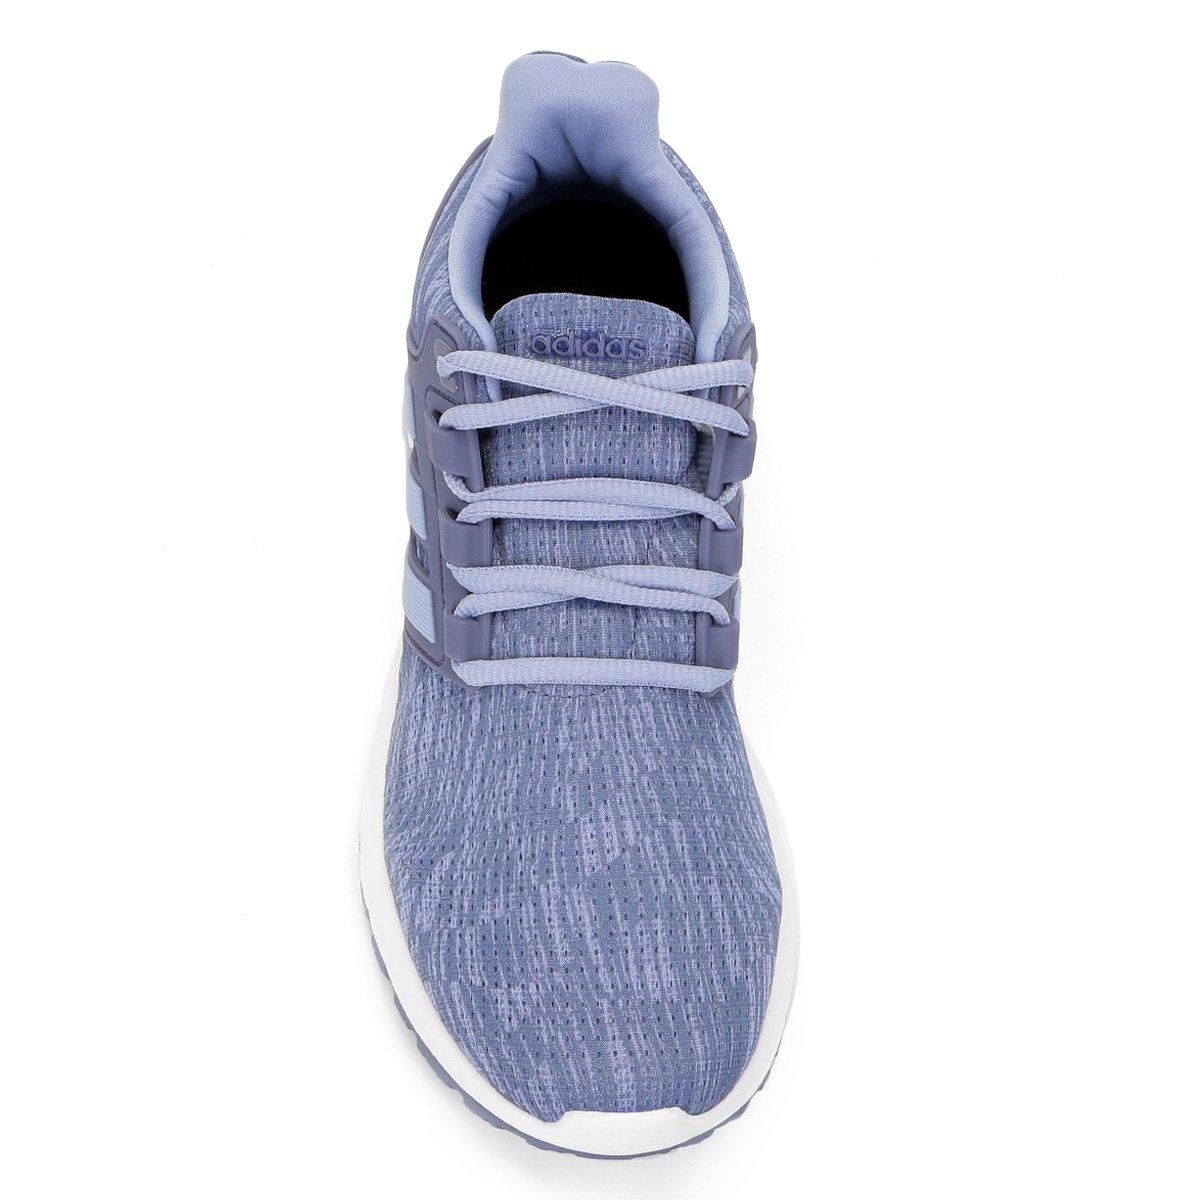 Tênis Adidas Energy Cloud 2 Feminino - Azul - Compre Agora  836e4aa59fb65